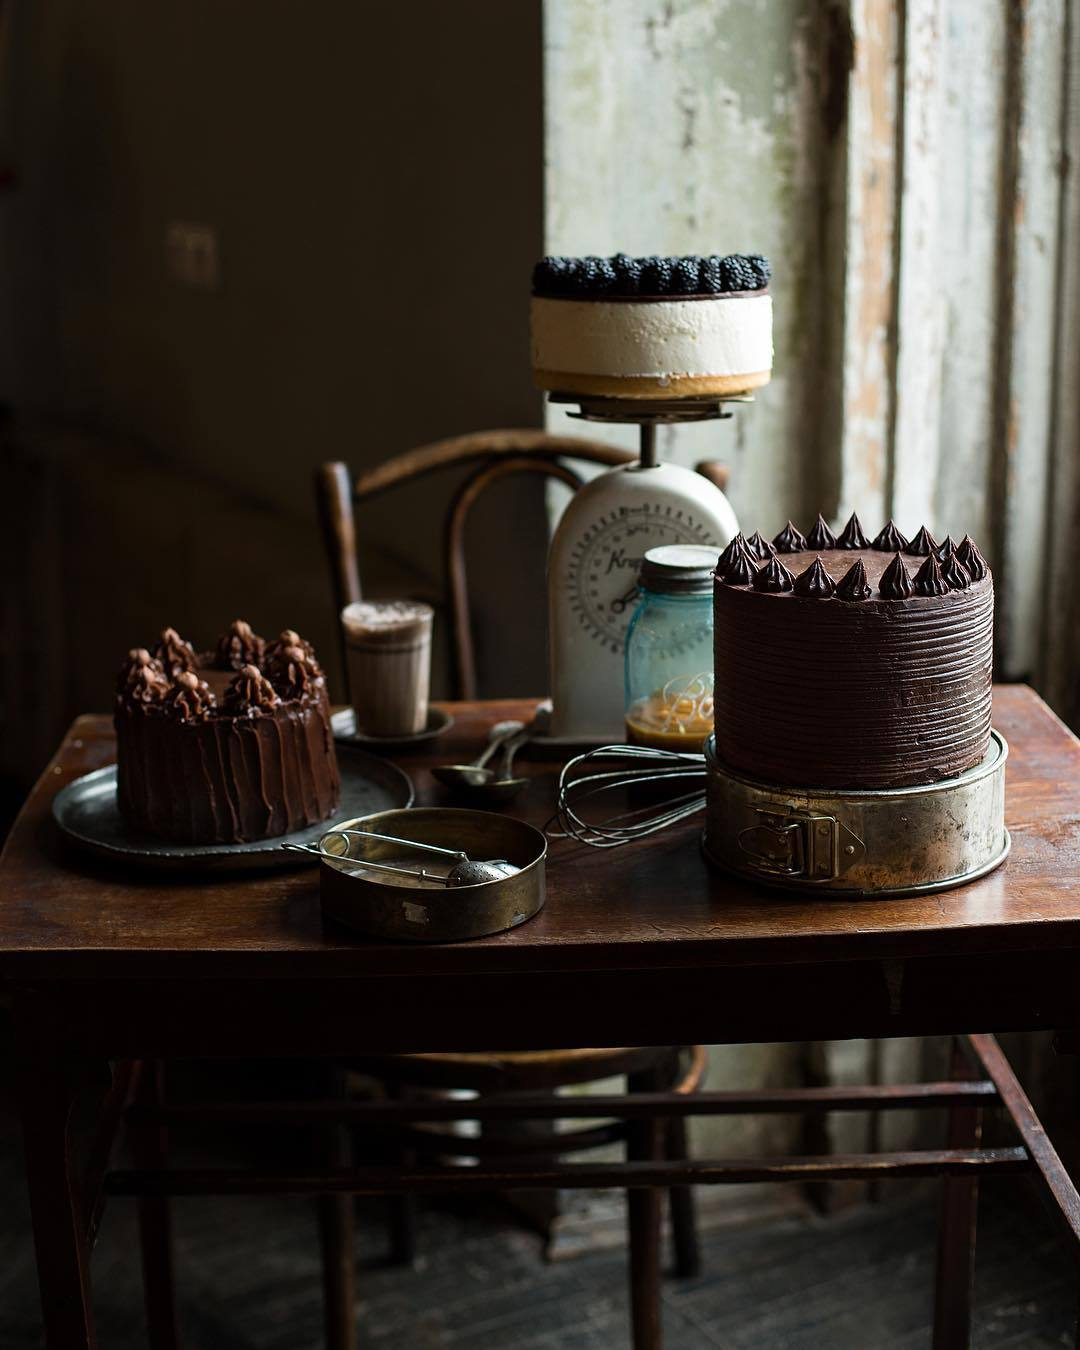 宠物-这位漂亮的美女蛋糕师,让猫咪来为蛋糕代言,将平淡无奇的蛋糕化腐朽为神奇(61)